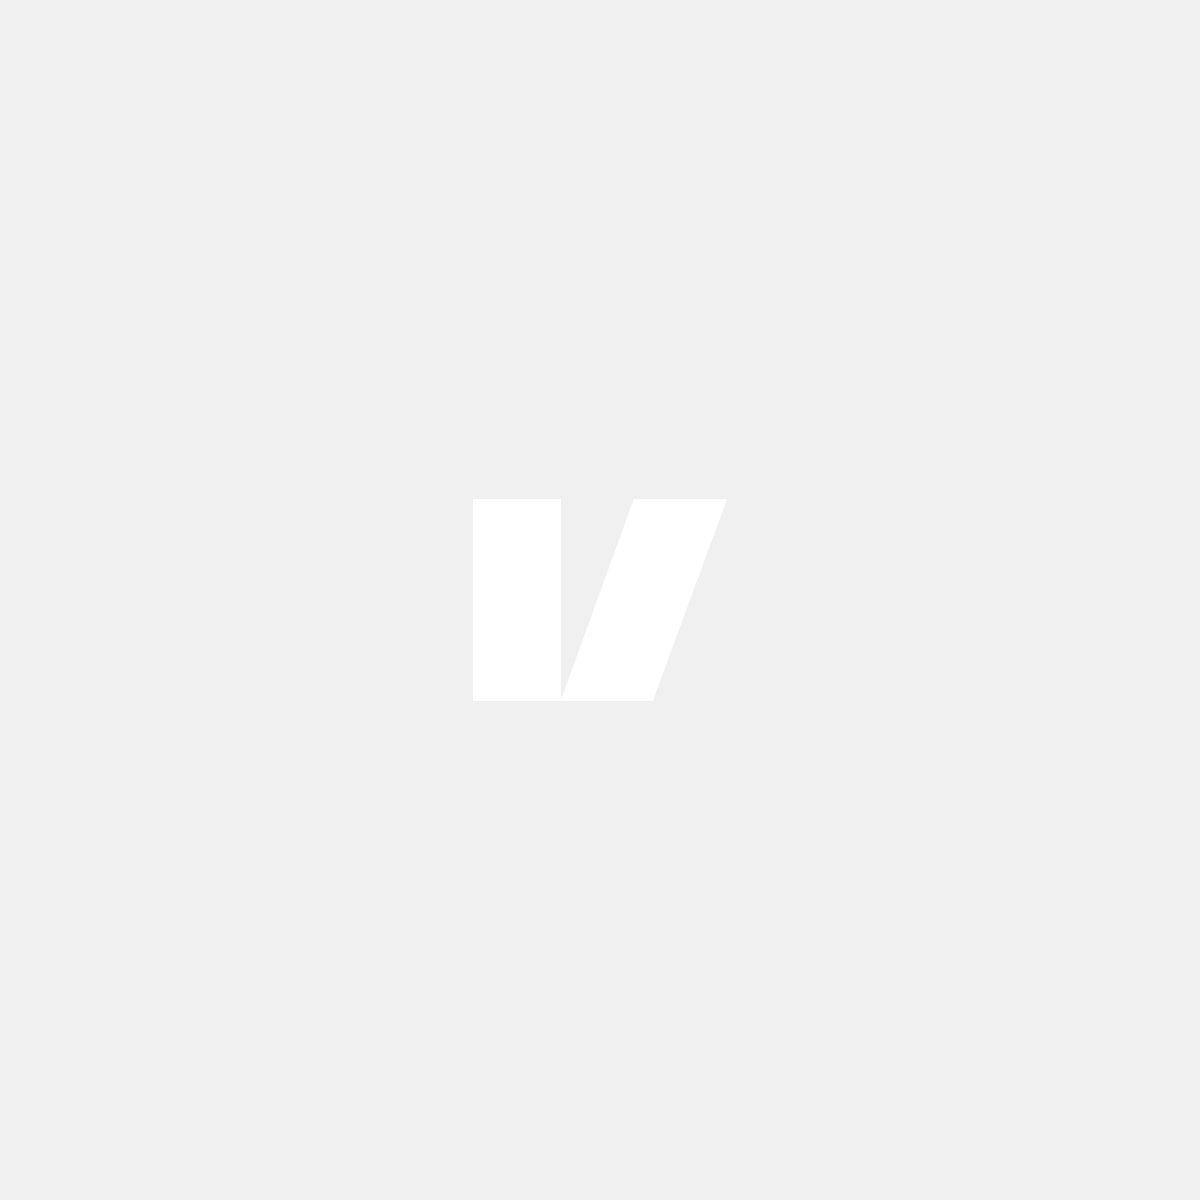 Mattkrom dimljusgaller till Volvo V70 08-13, förarsidan